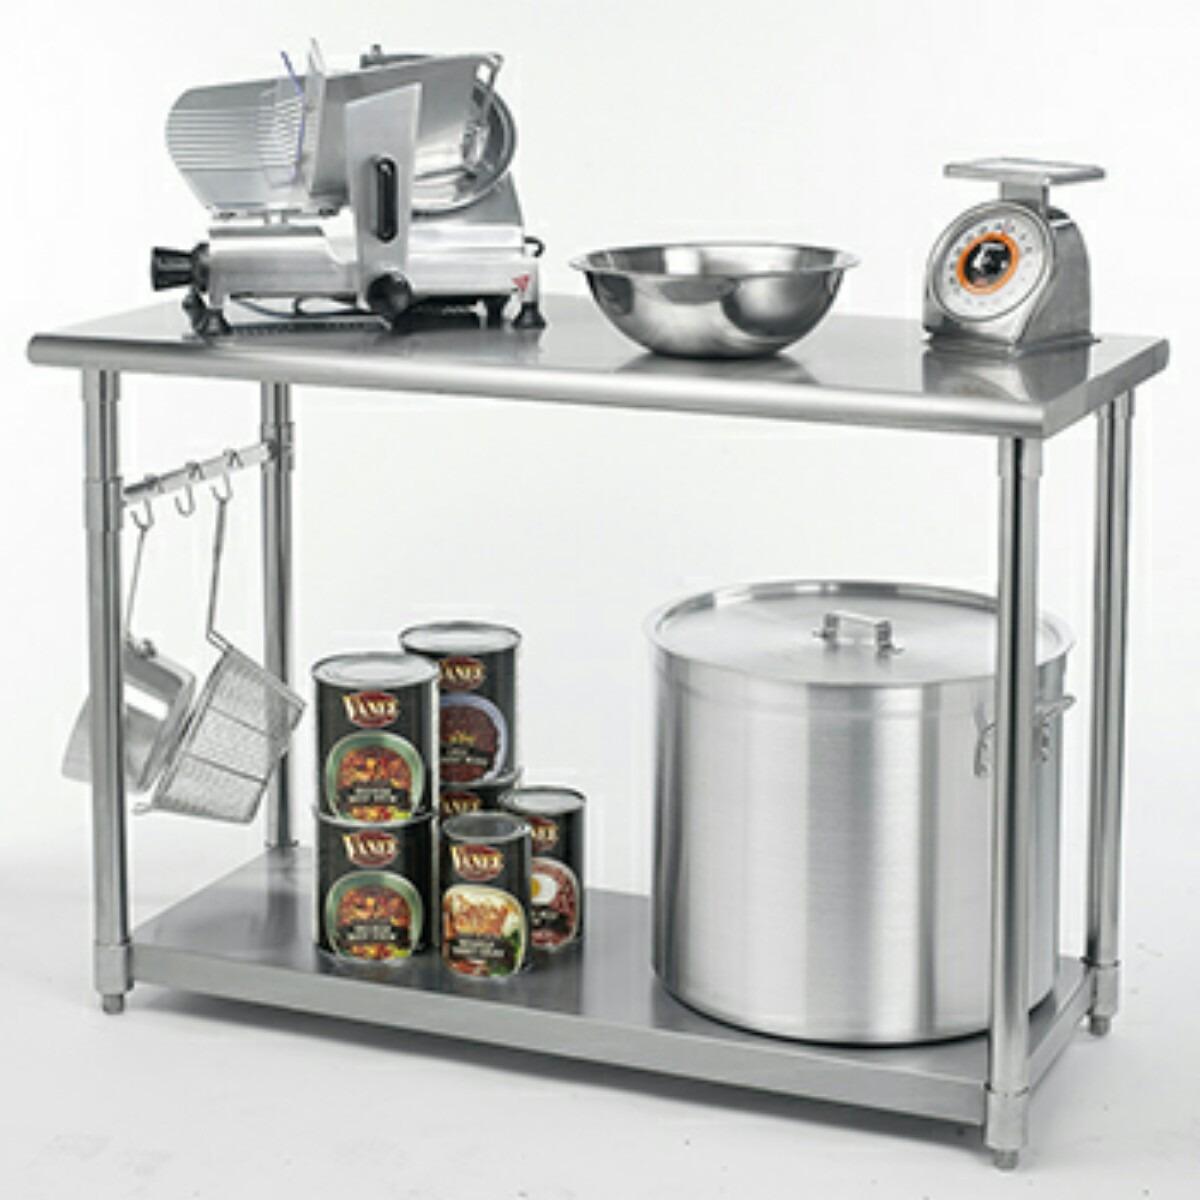 Mesa de trabajo acero inoxidable cocina gastronomia - Muebles de cocina de acero inoxidable ...